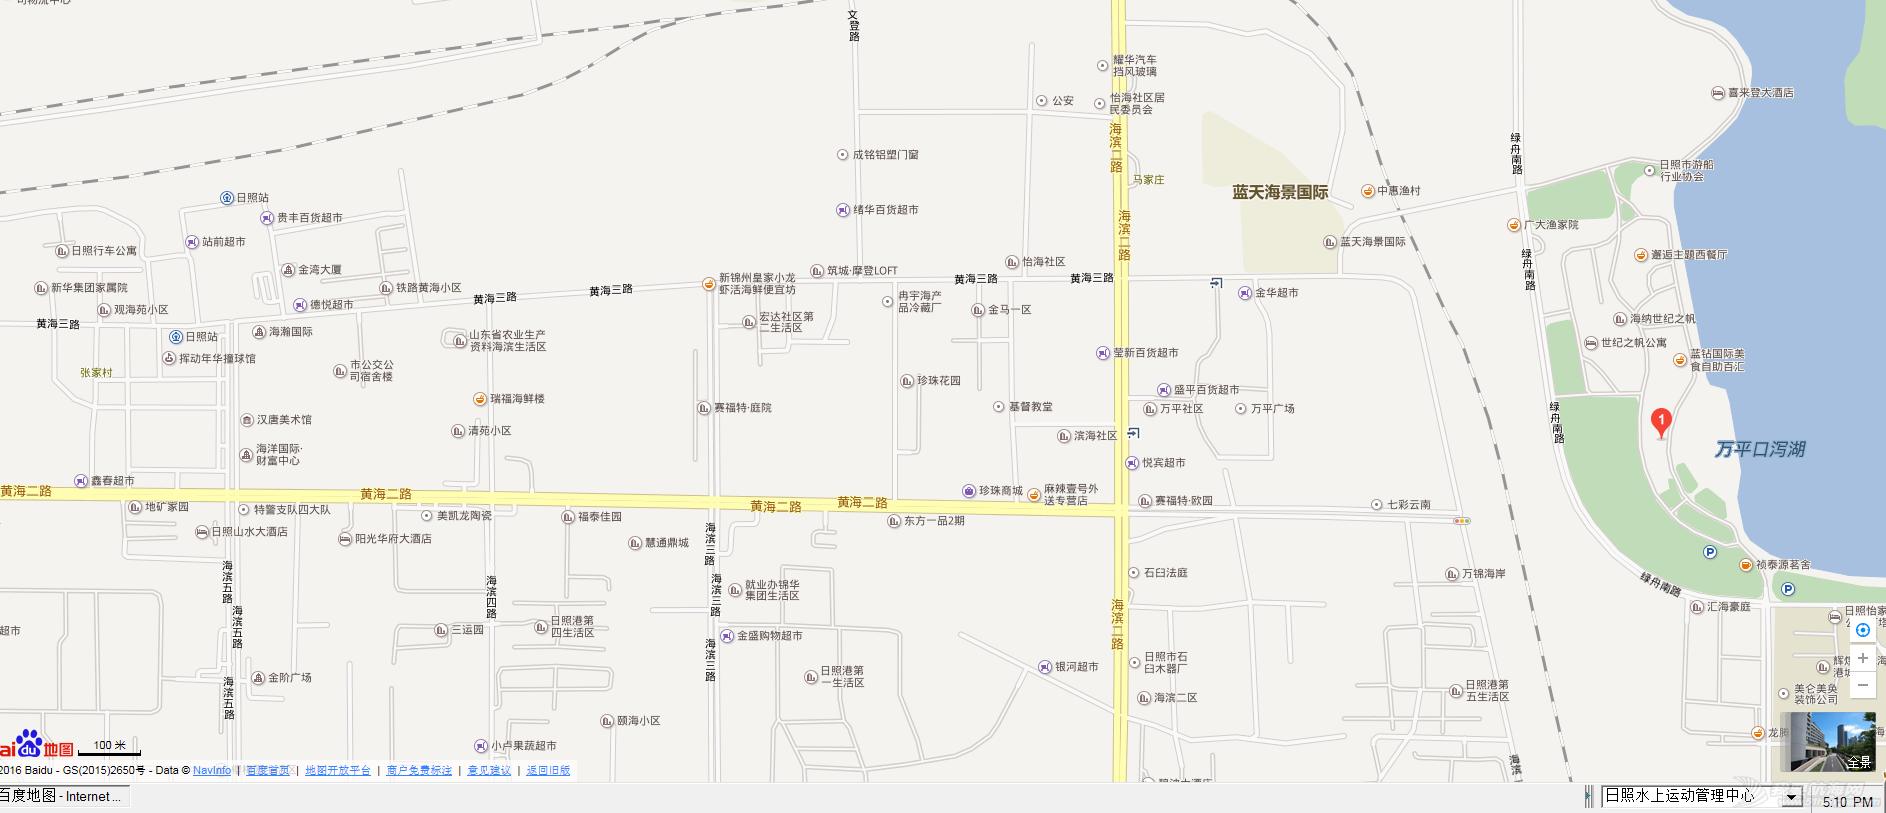 日照 迟到的日照公益航海作业(44期) 火车站_帆船中心.png